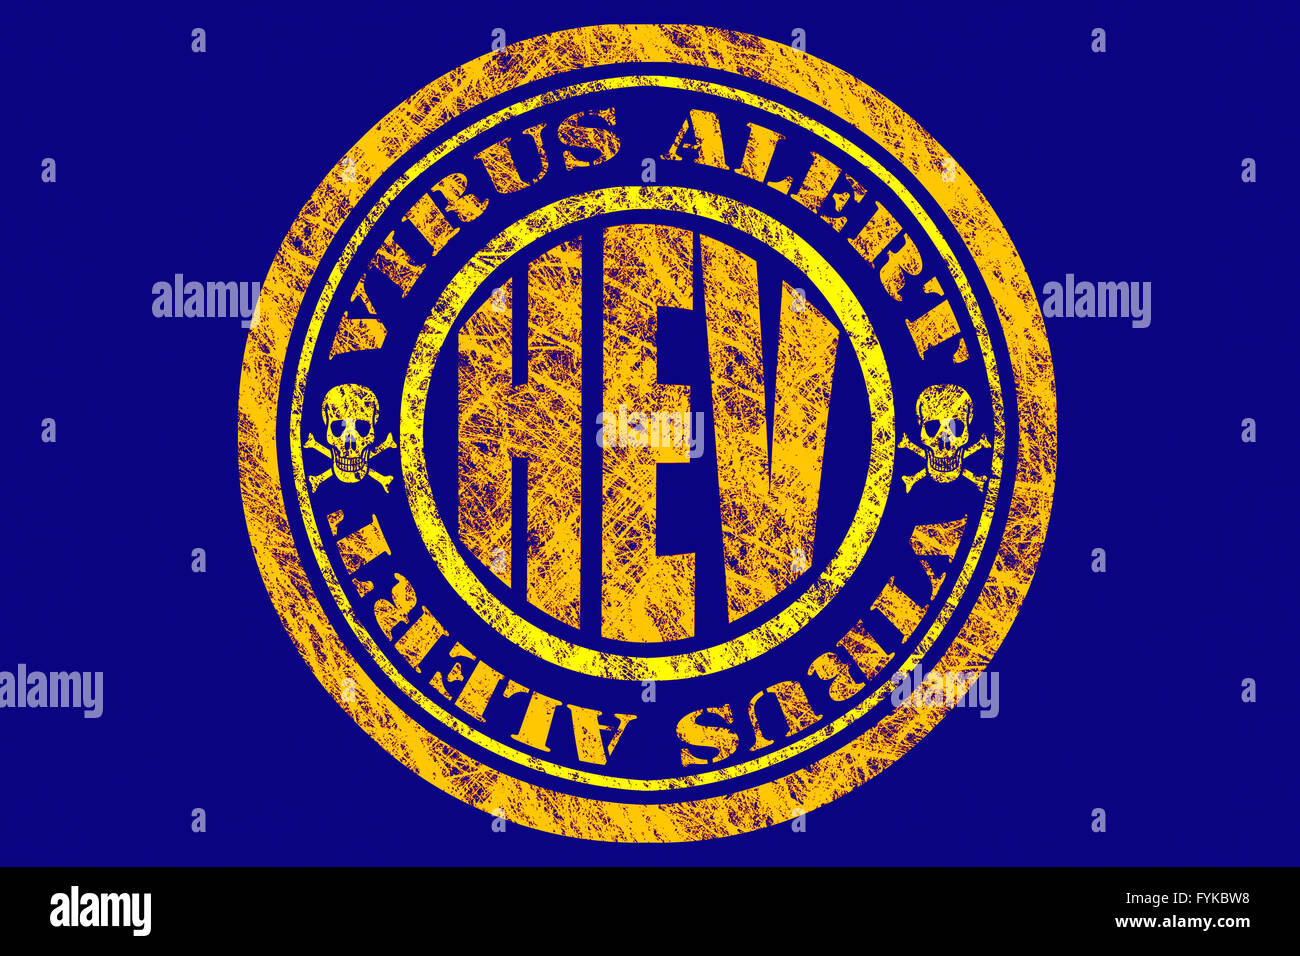 HEV Virus Alert Concept - Stock Image